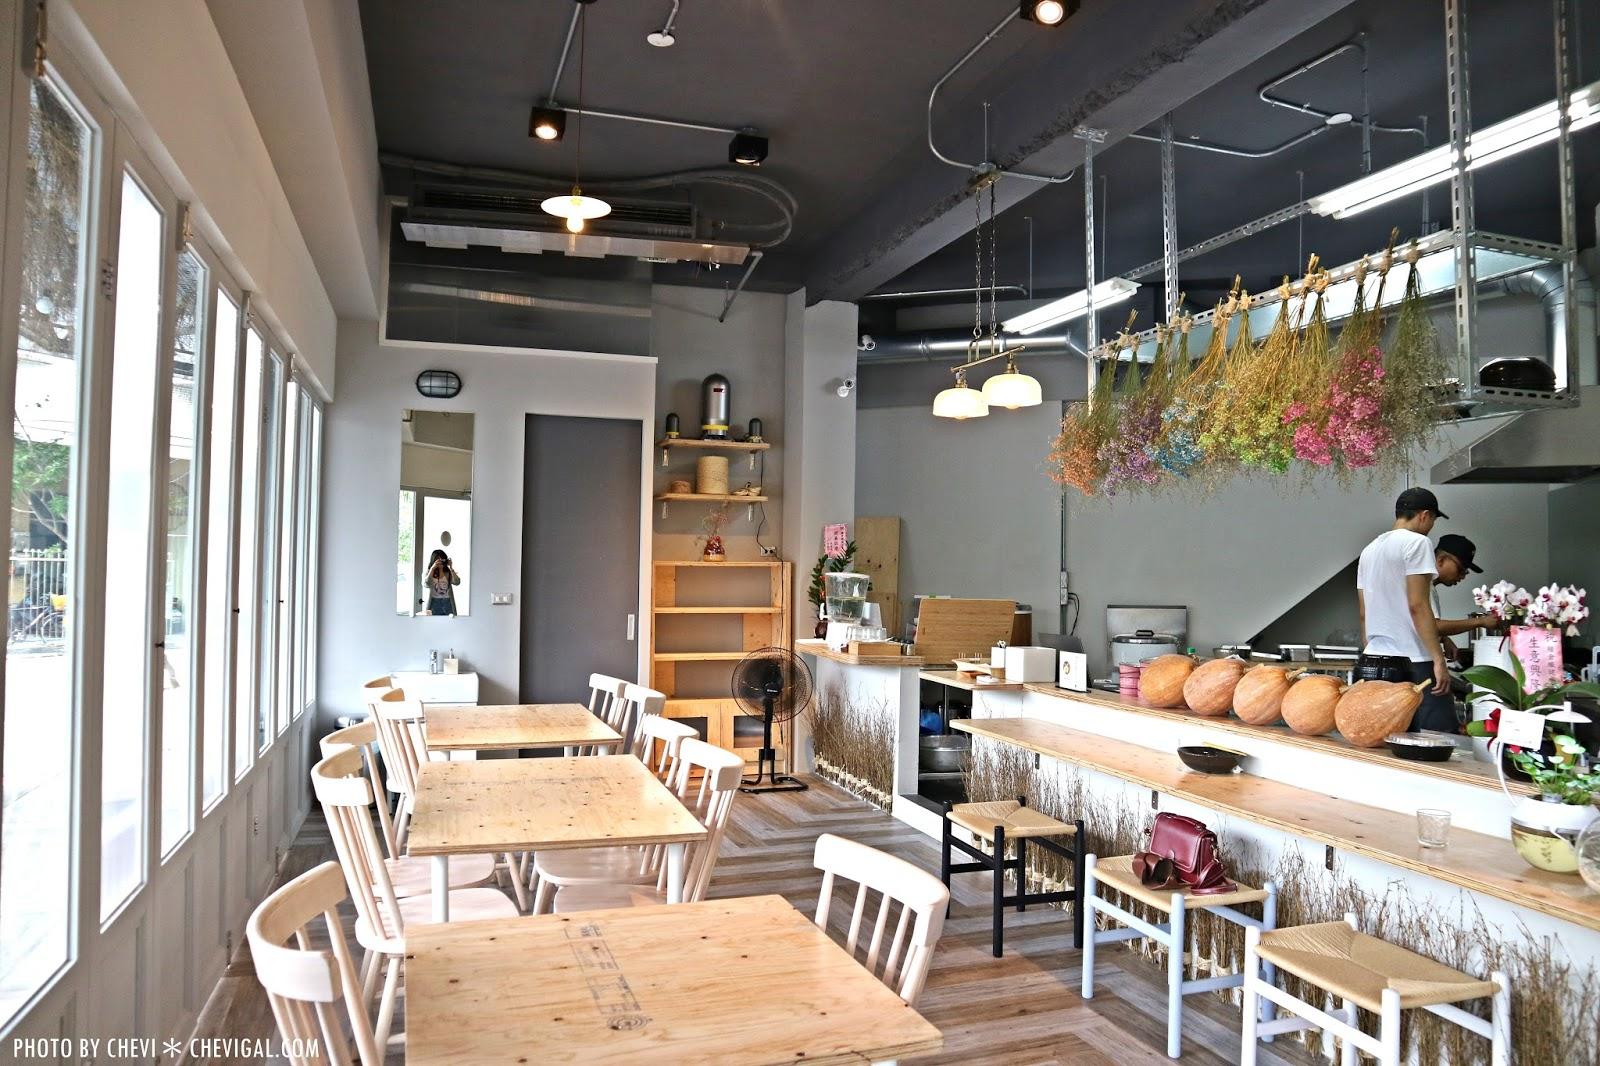 IMG 9640 - 糧倉 纖健水煮,隱身在柳川西路的文青小店。清爽水煮料理讓你吃到鮮甜原味